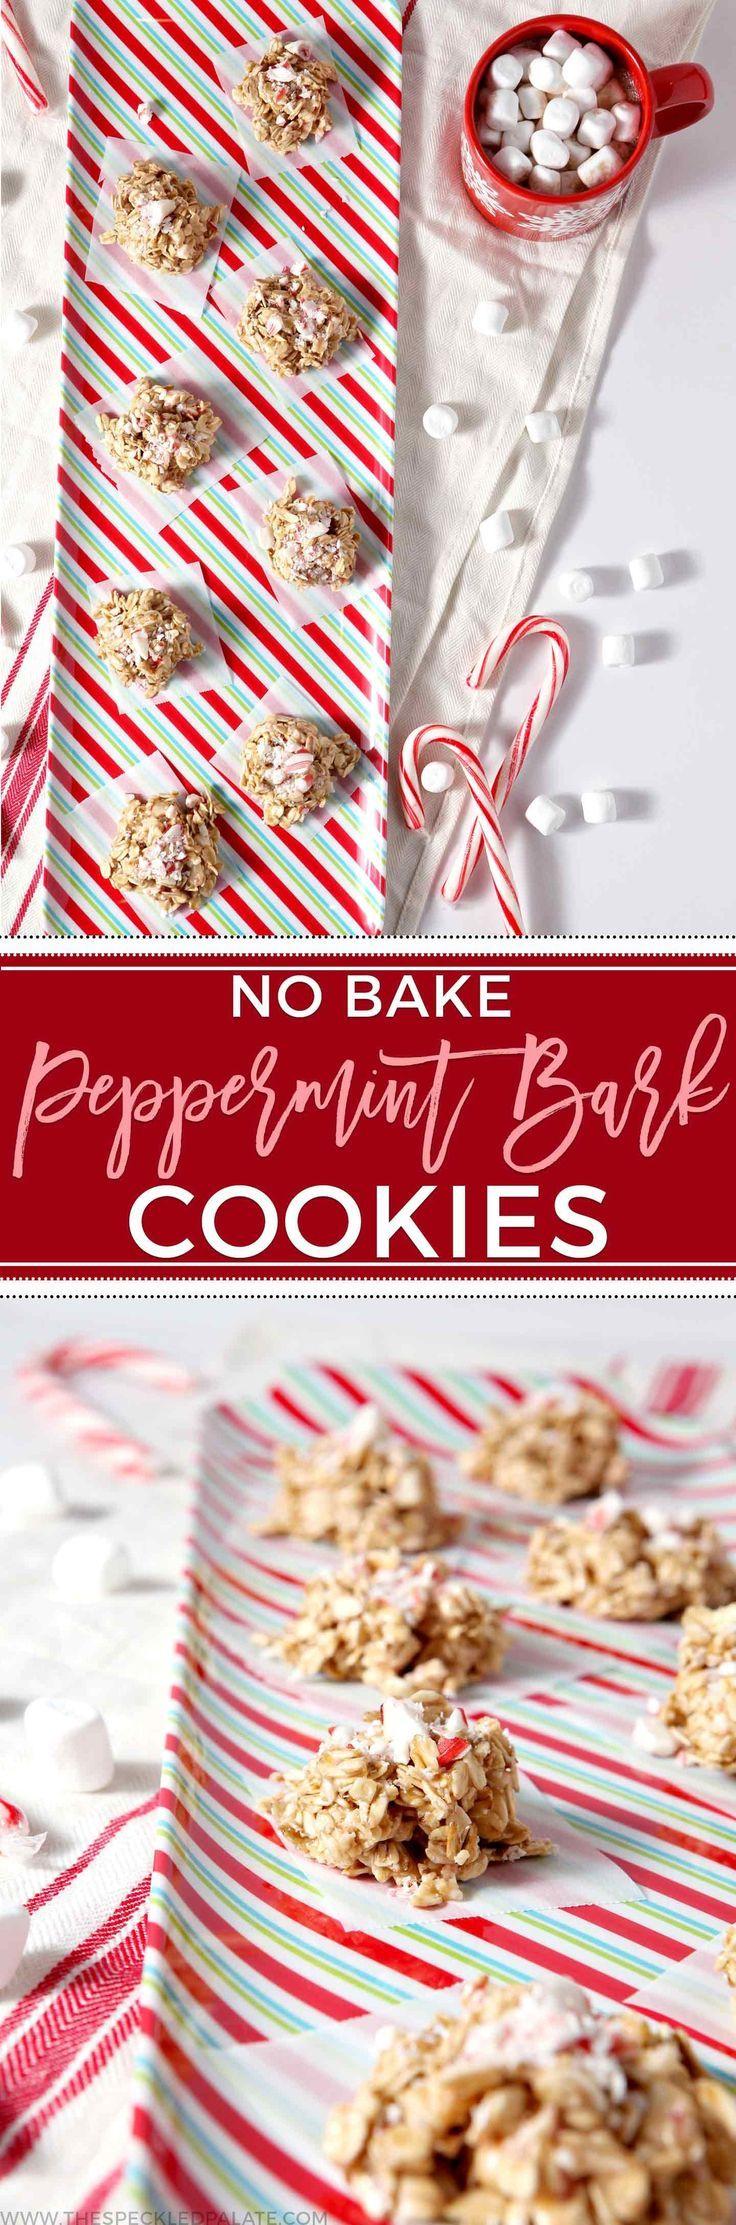 No Bake Peppermint Bark Cookies #quickcookies